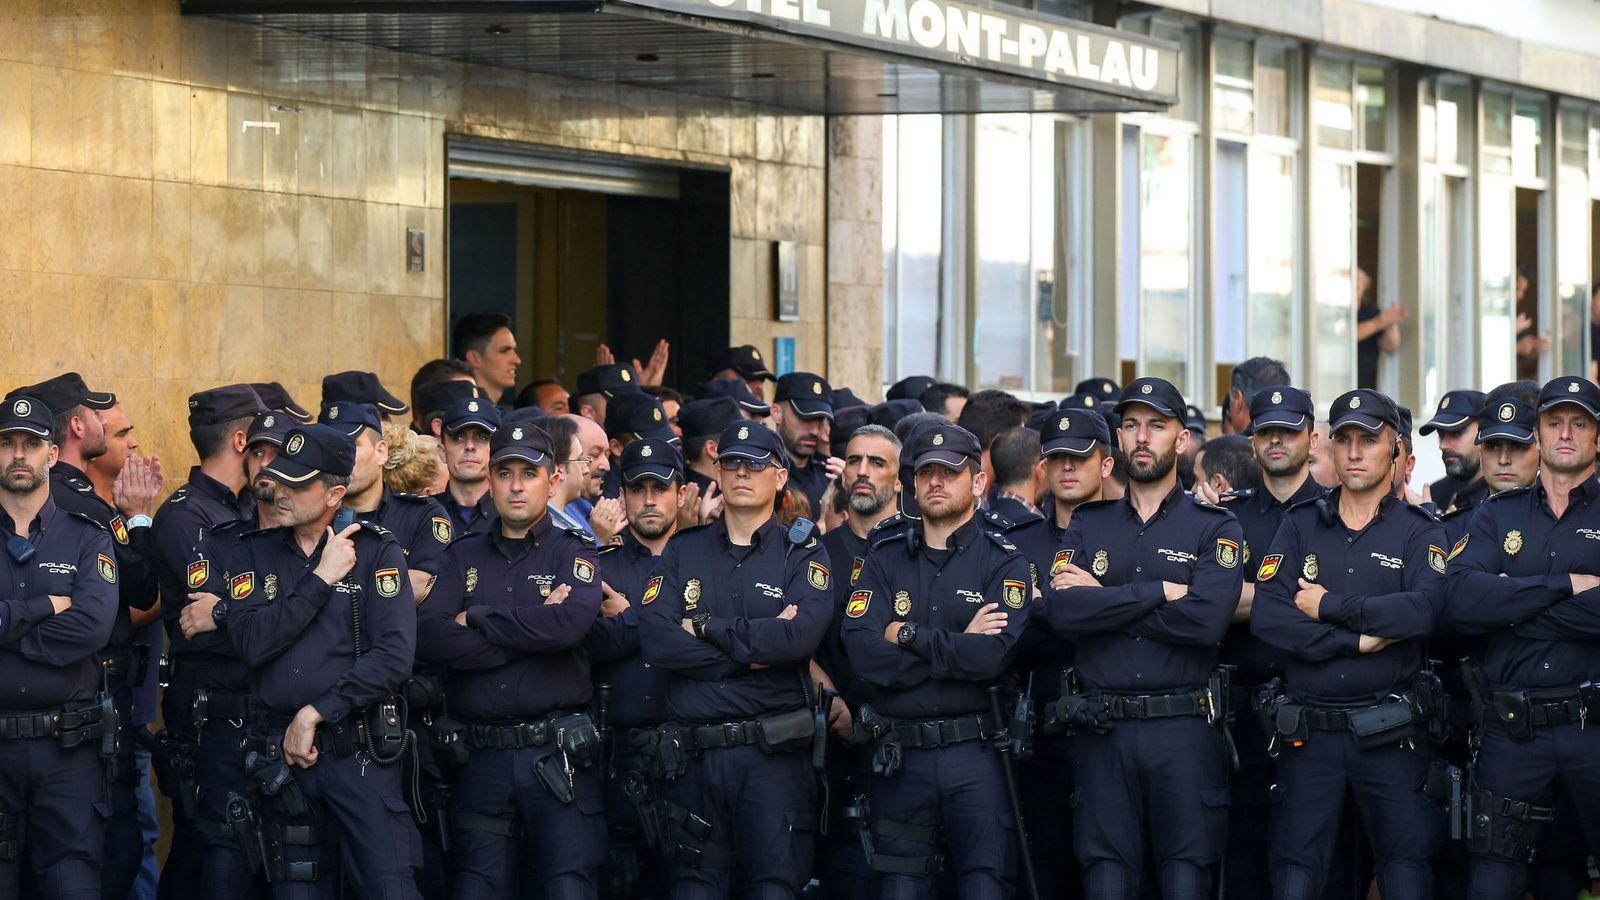 Foto: Policías nacionales junto a uno de los hoteles de Pineda del Mar donde se alojan. (Reuters)